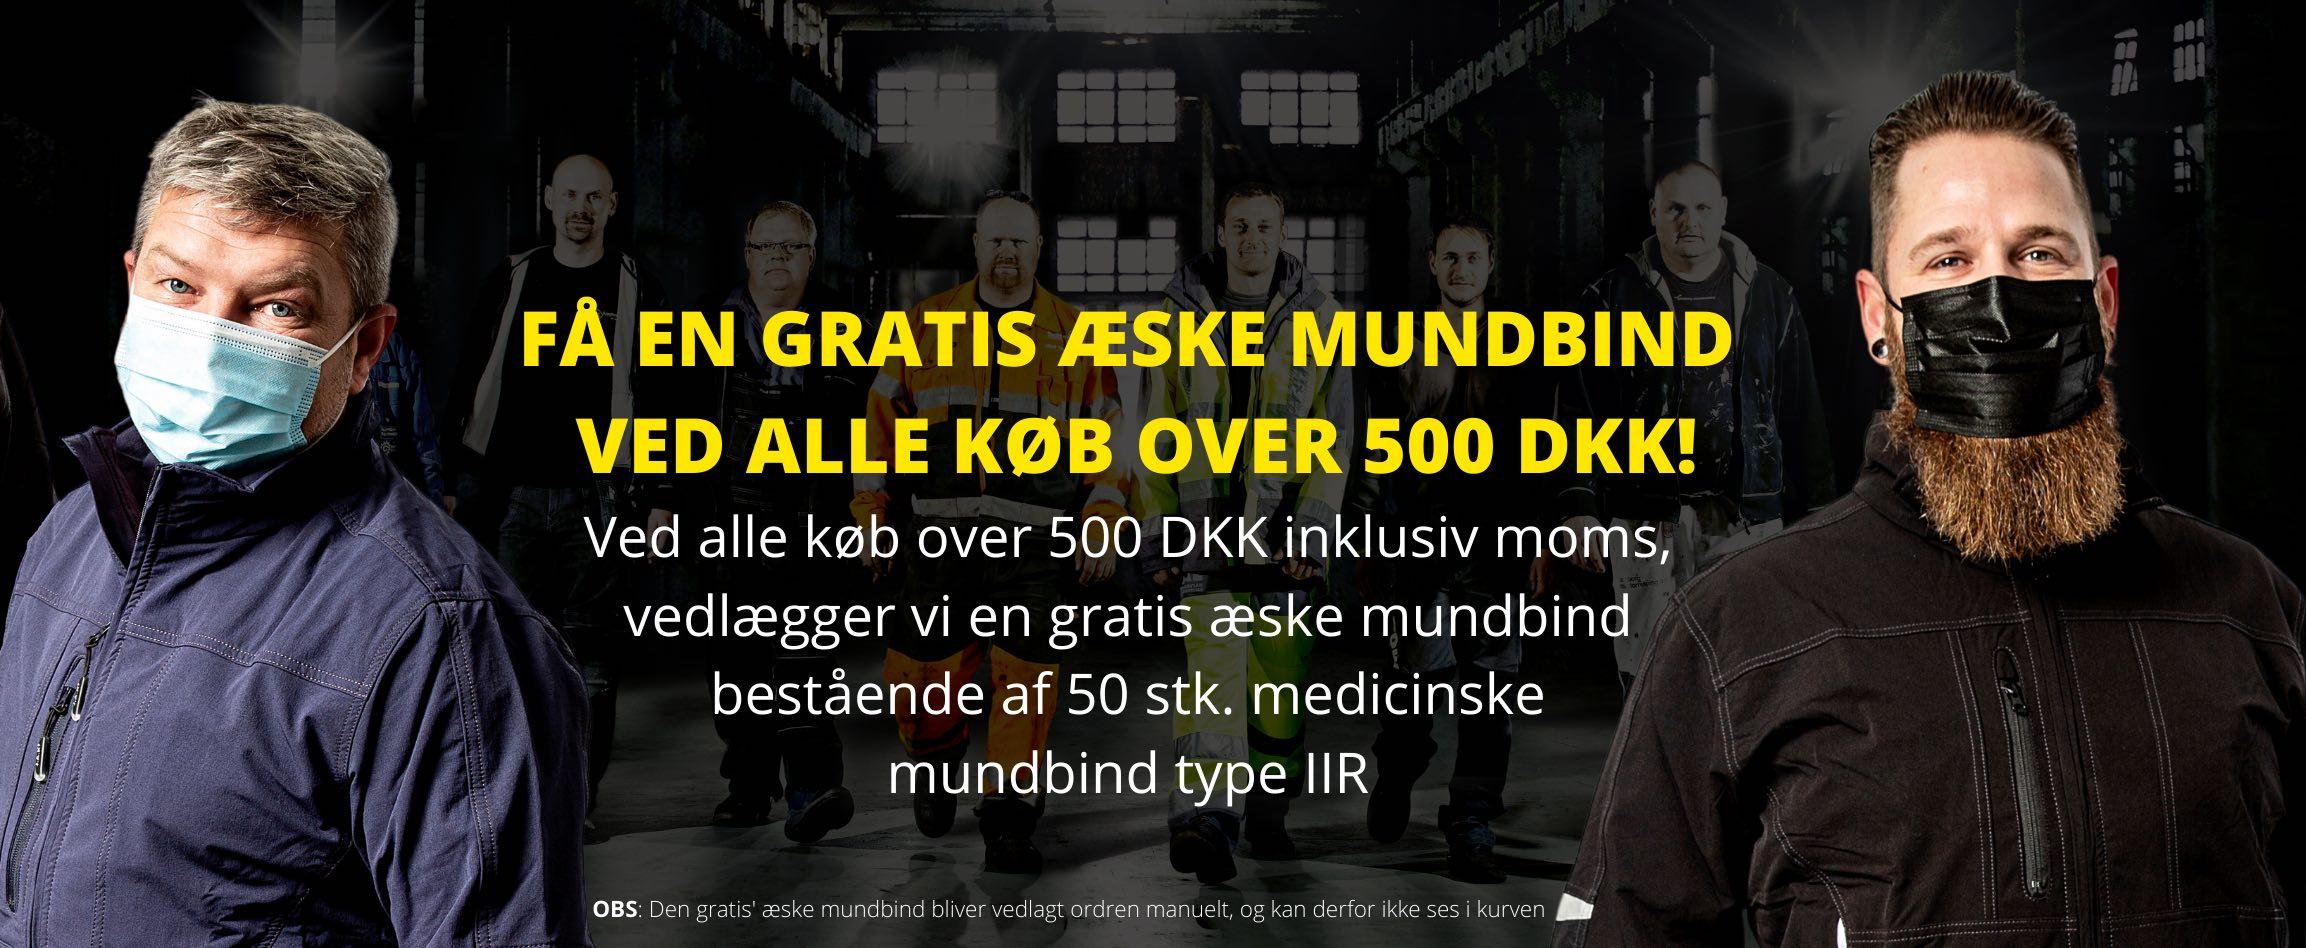 Gratis æske mundbind ved køb over 500 DKK